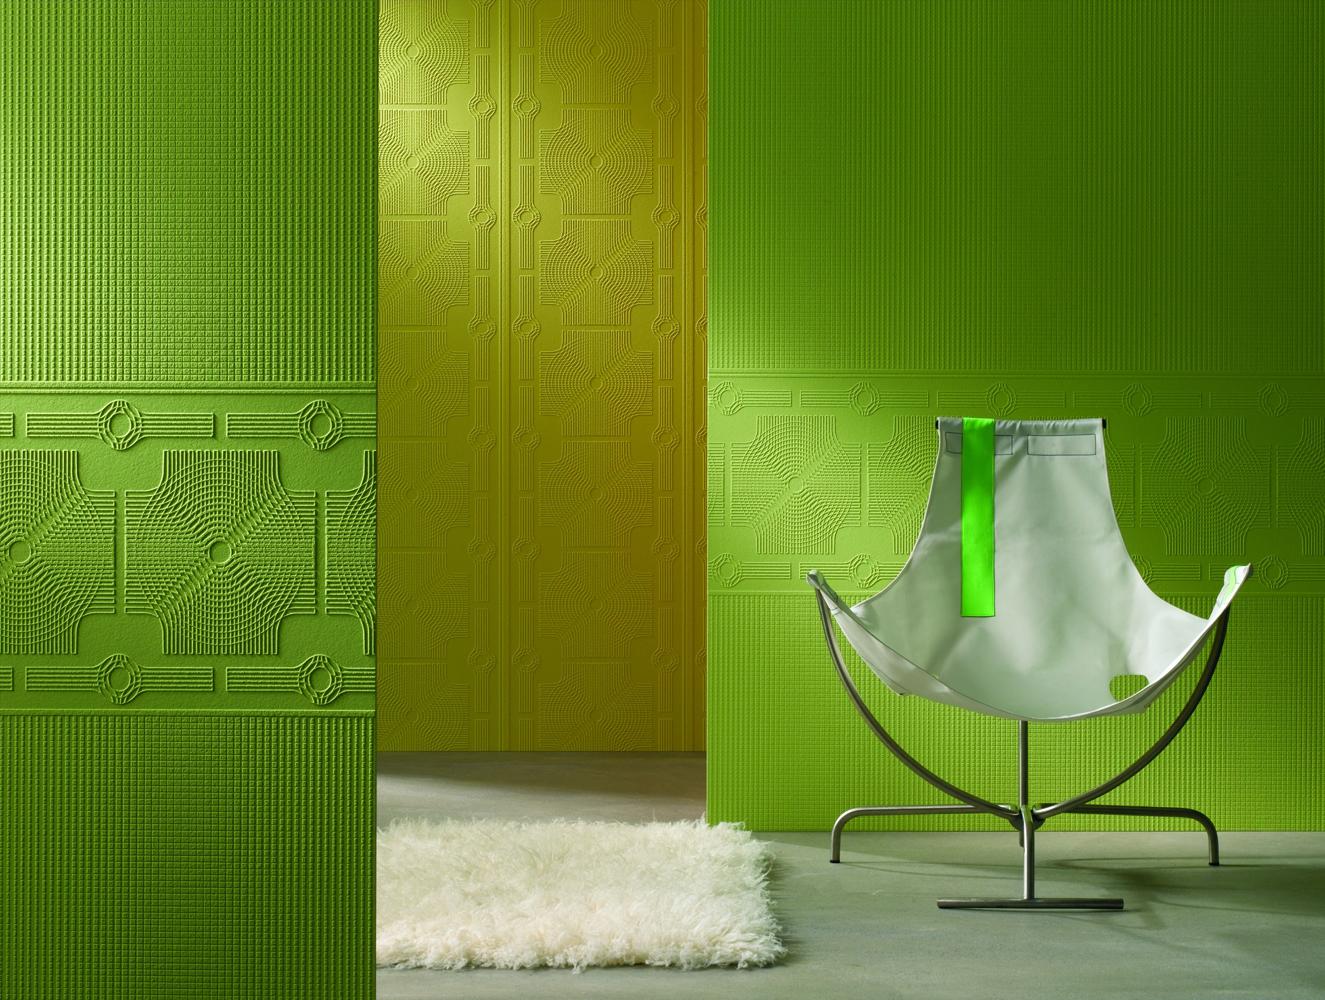 стеклотканевые обои зеленые